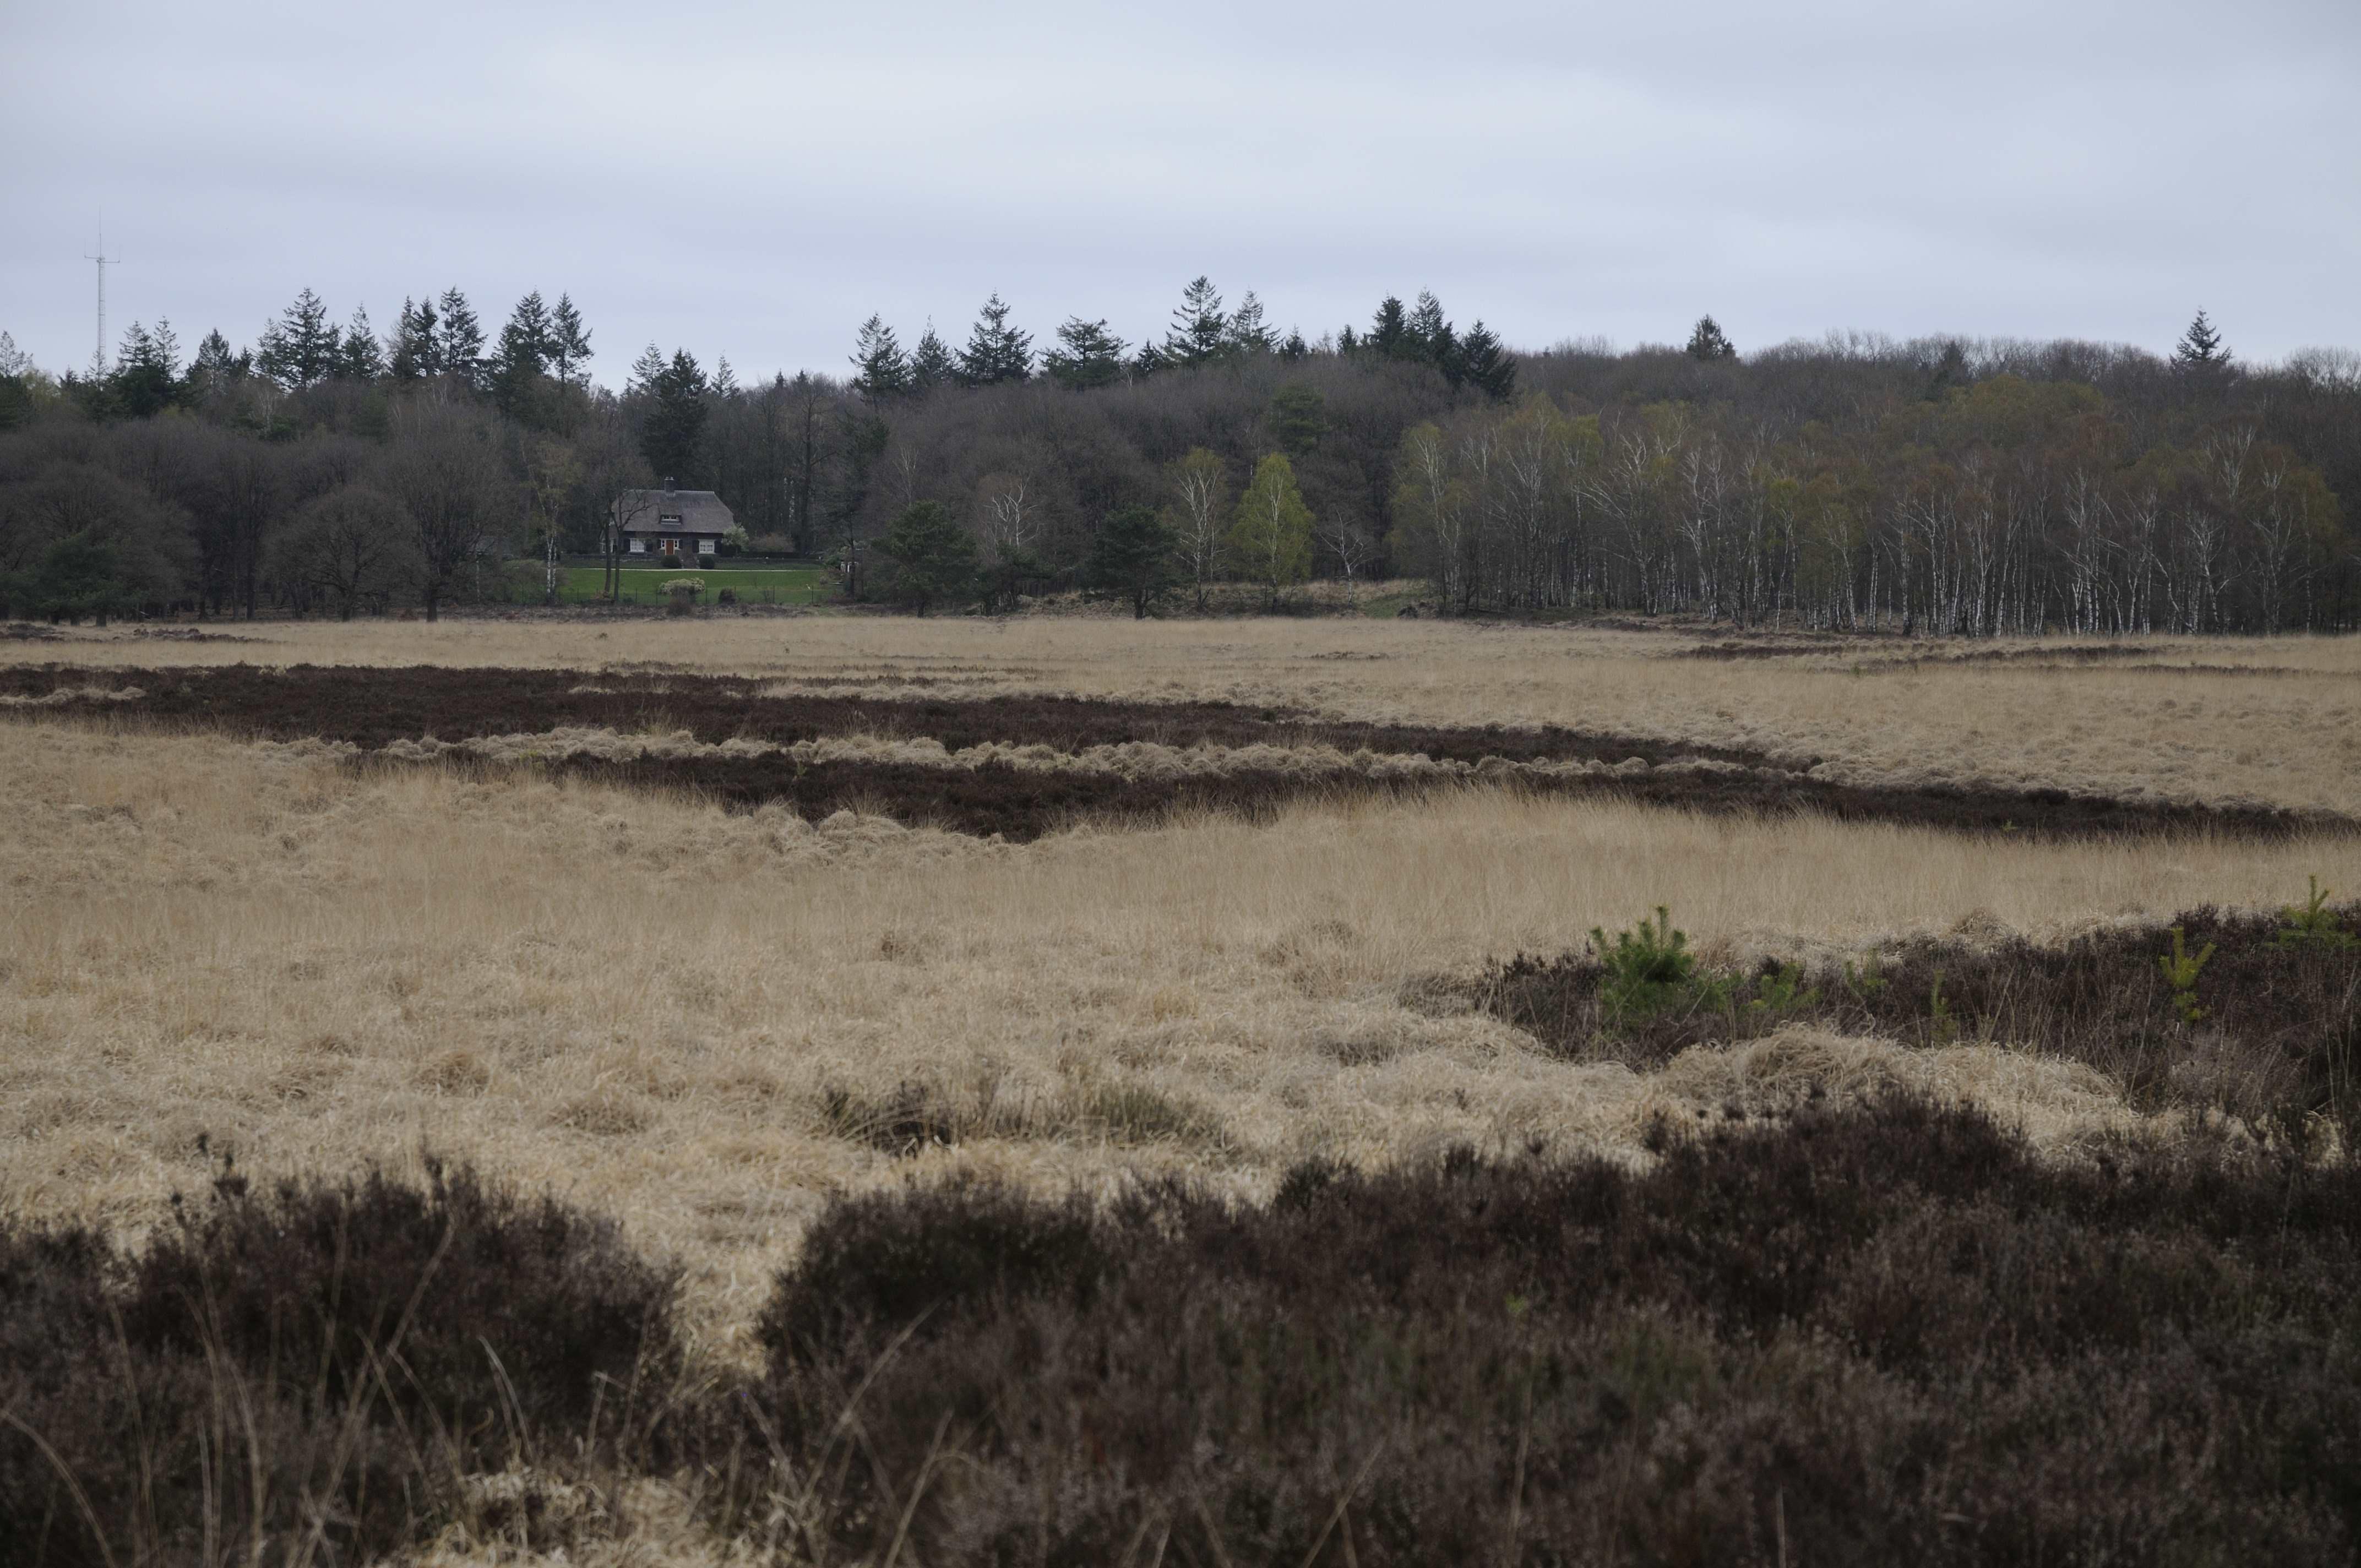 """Uitzicht op """"De Roek"""" vanaf het Deelense Veld. Aan de voet van het erf het inmiddels deels met bomen begroeid geraakte open veld, waar de herten volgens Wigman in eerste instantie naartoe trokken – Foto: Anja Arentzen"""